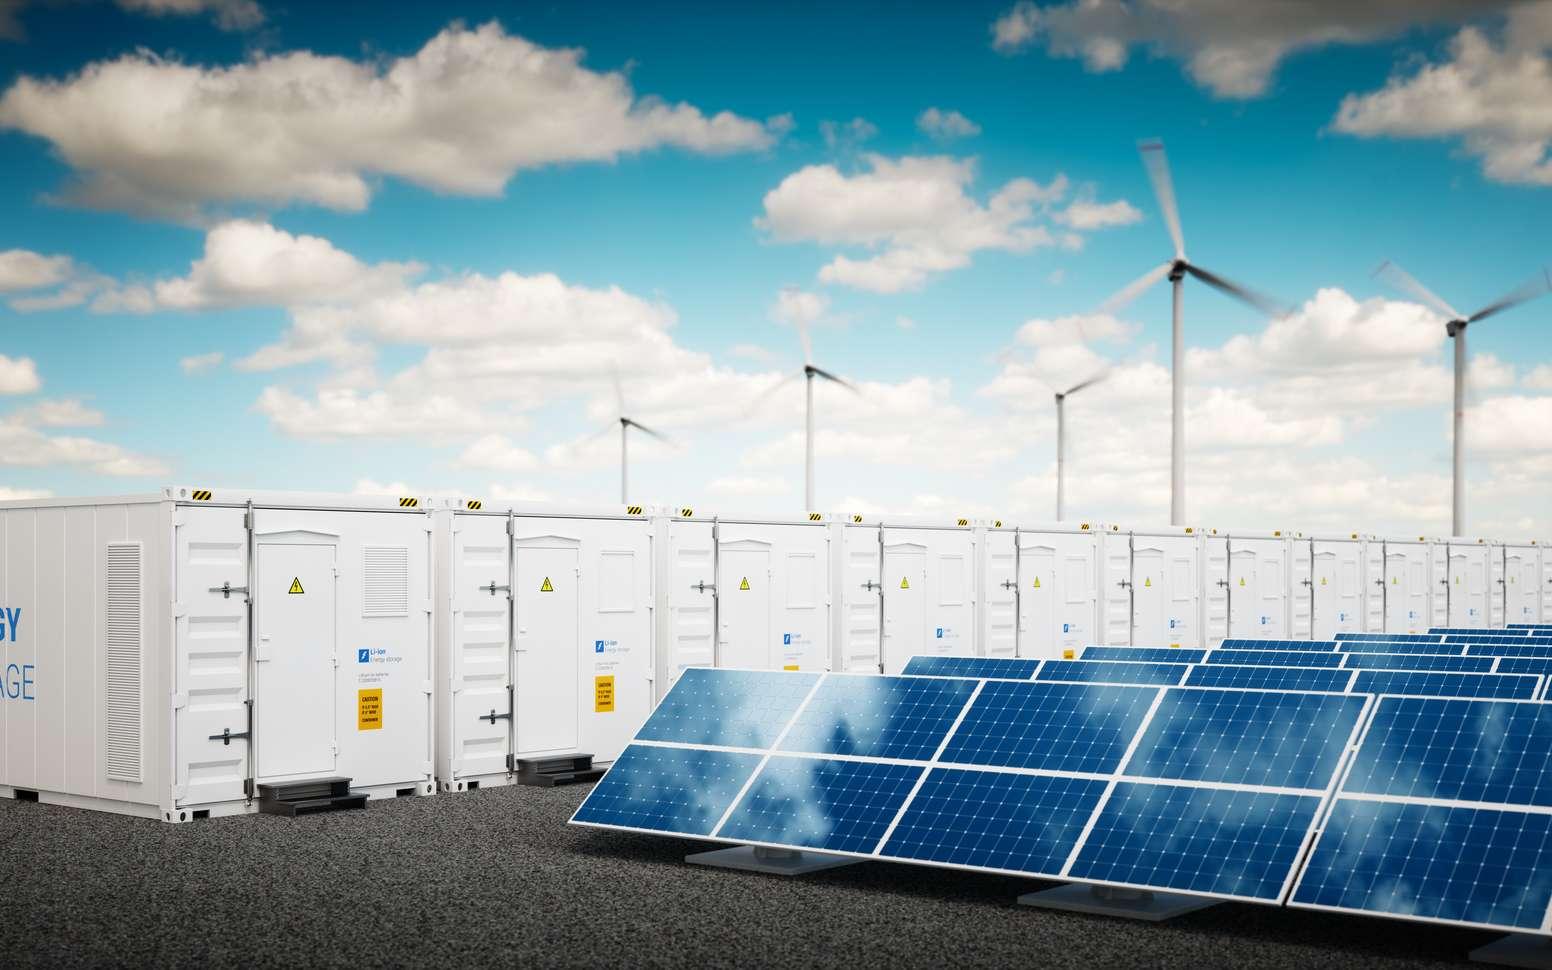 Le stockage tampon des énergies renouvelables est le moyen d'assurer un approvisionnement du réseau électrique qui corresponde à la demande. © Malp, Fotolia